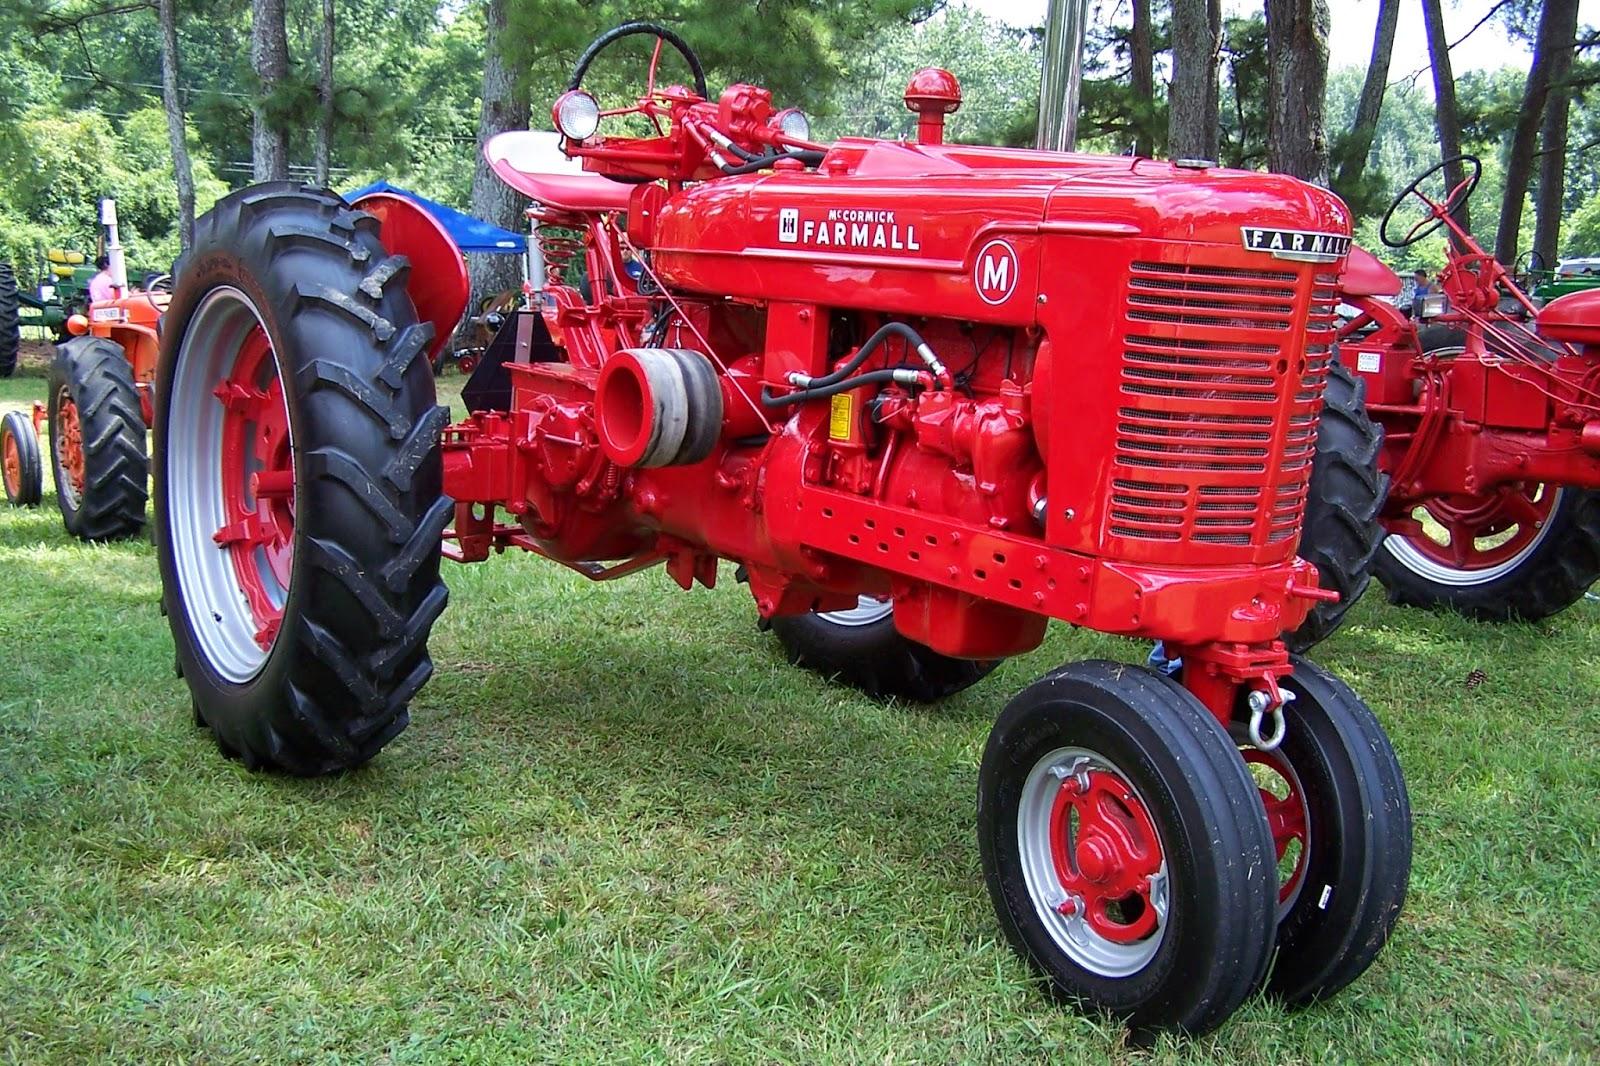 Farmall M Hood : Tractor stories m farmall larry appleton